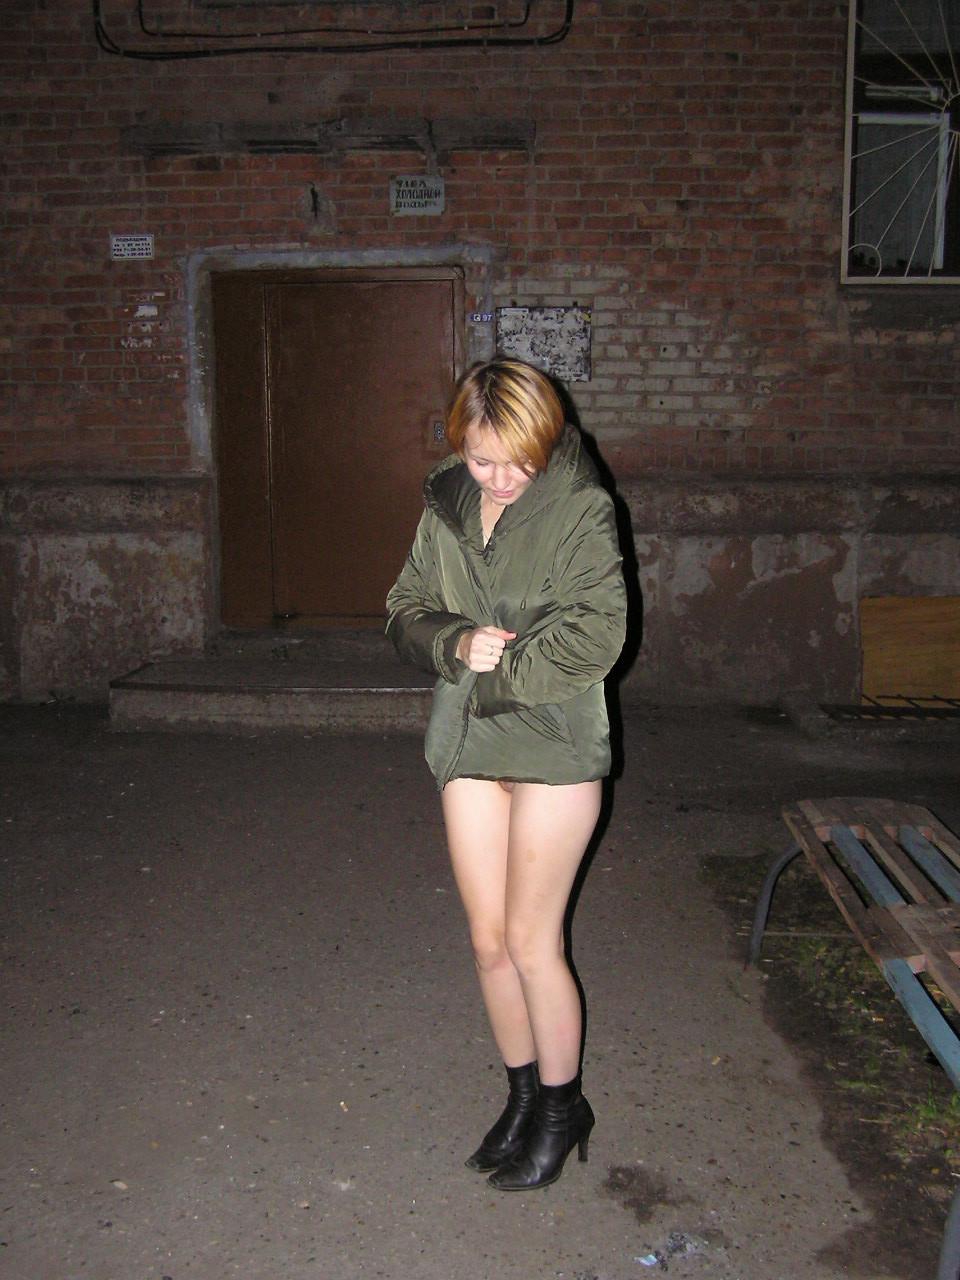 Сибирячка без комплексов хвастается писькой и сисяндрами в людном месте